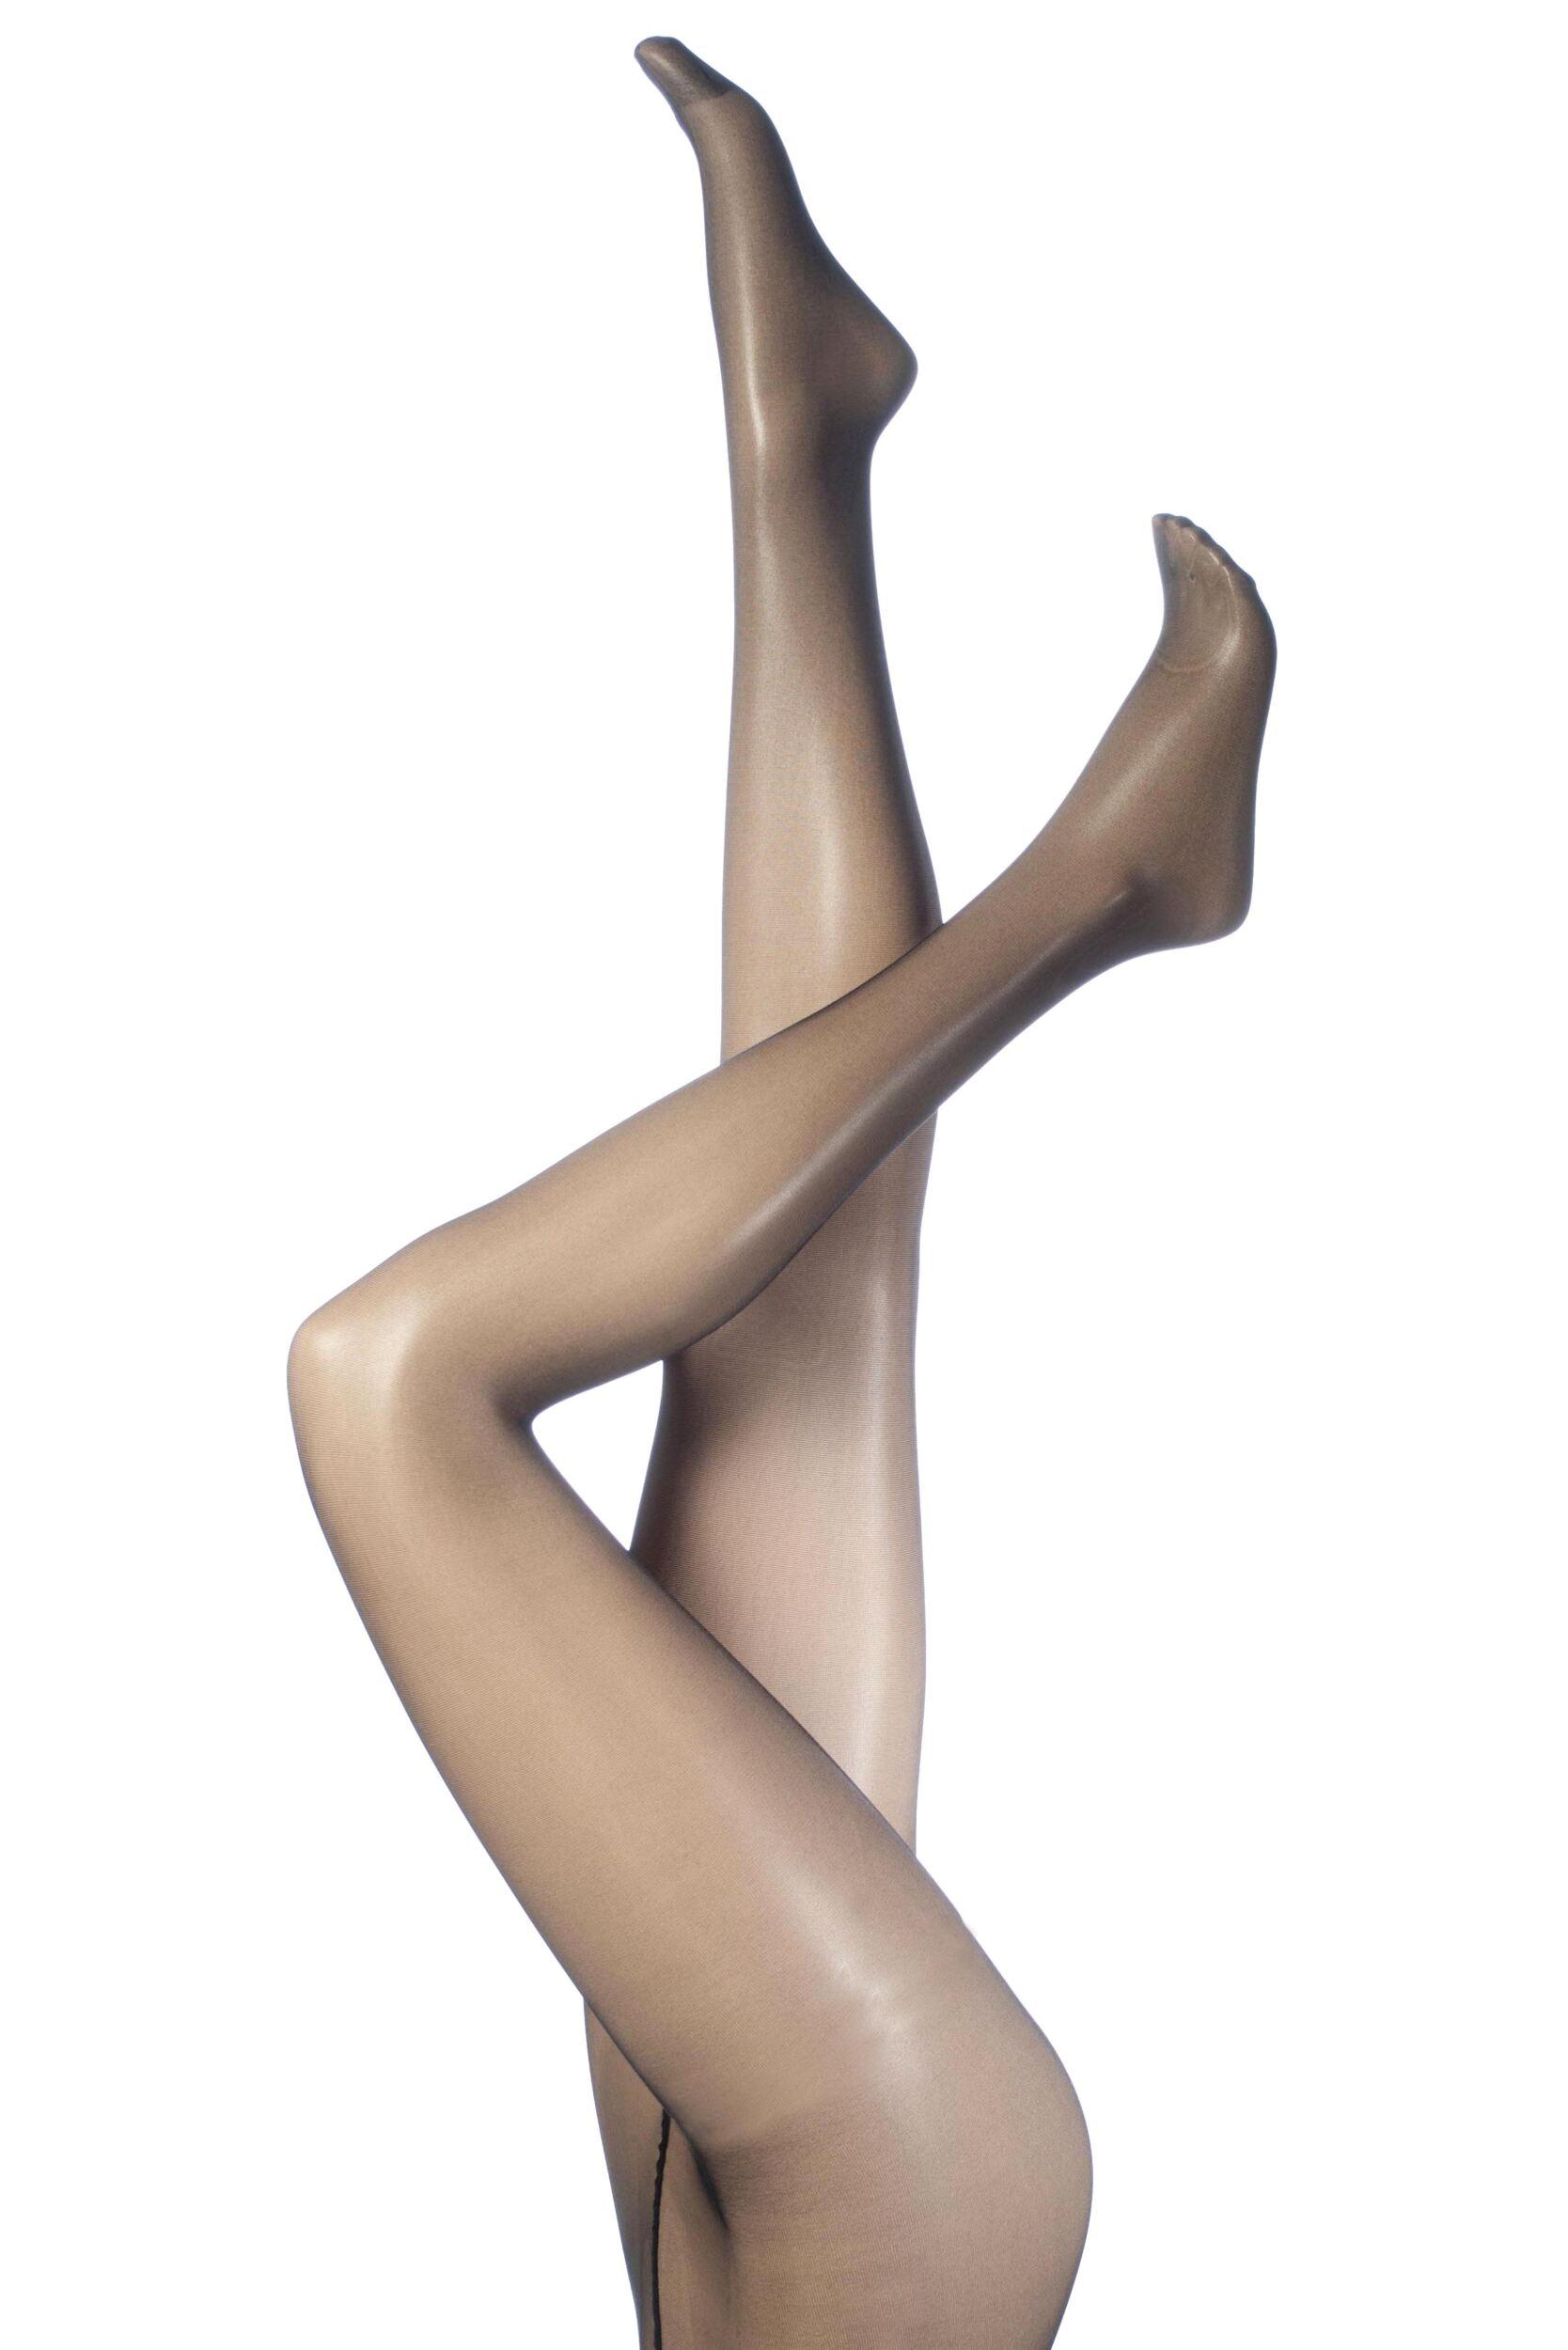 Ladies 1 Pair SockShop 15 Denier Invisible Slimming Tights